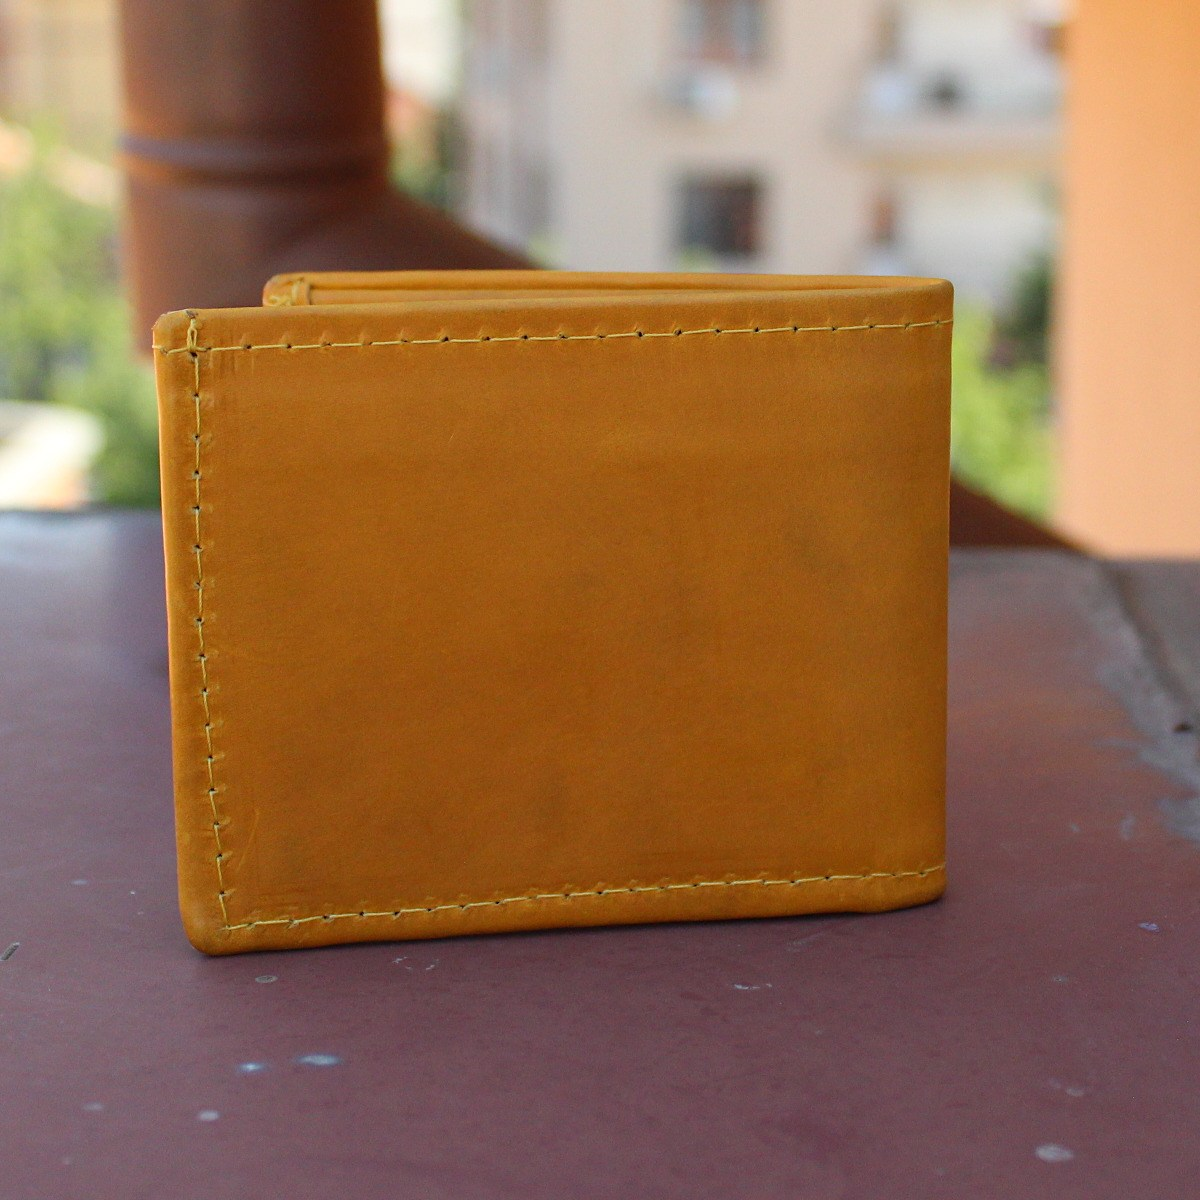 мъжки портфейл естествена кожа жълт - отзад